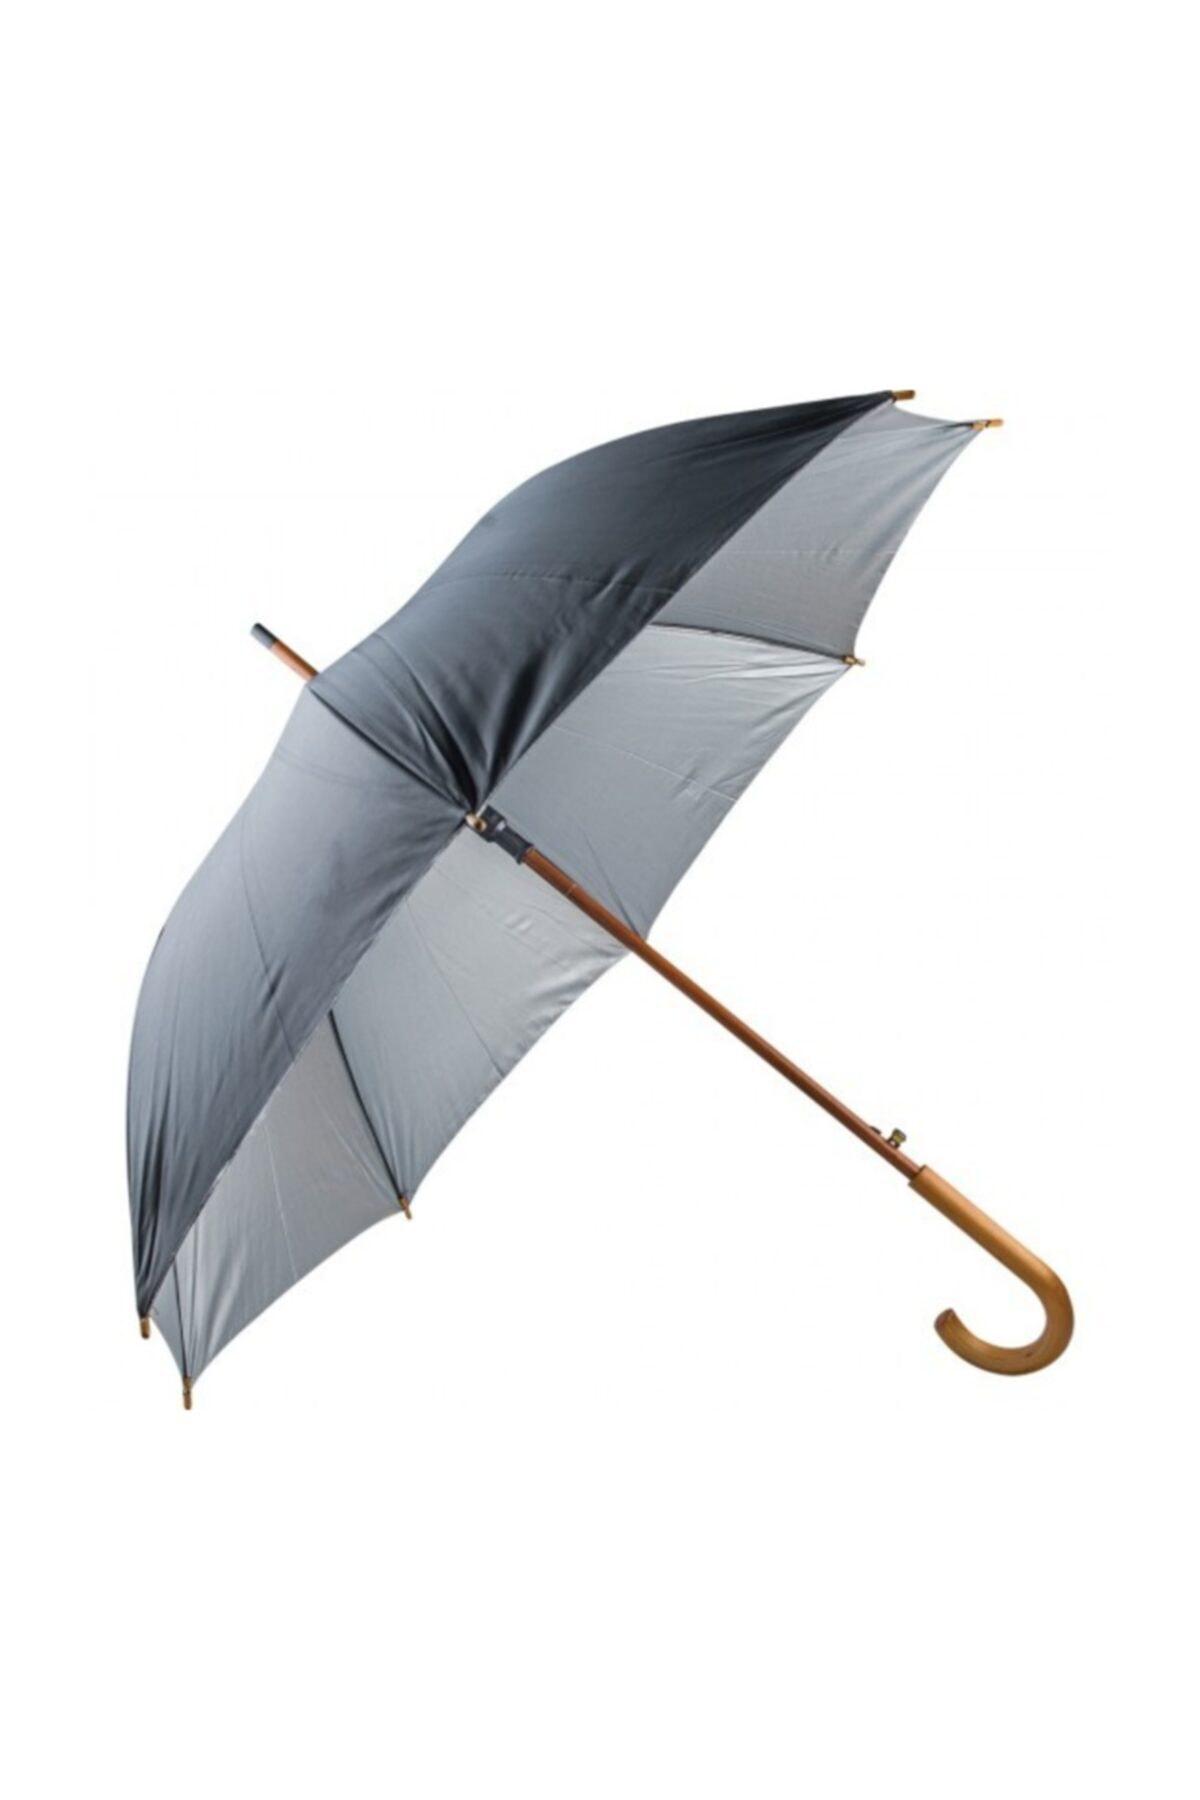 TREND Ahşap Saplı Fiber Glass Kırılmaz Şemsiye (siyah) 1